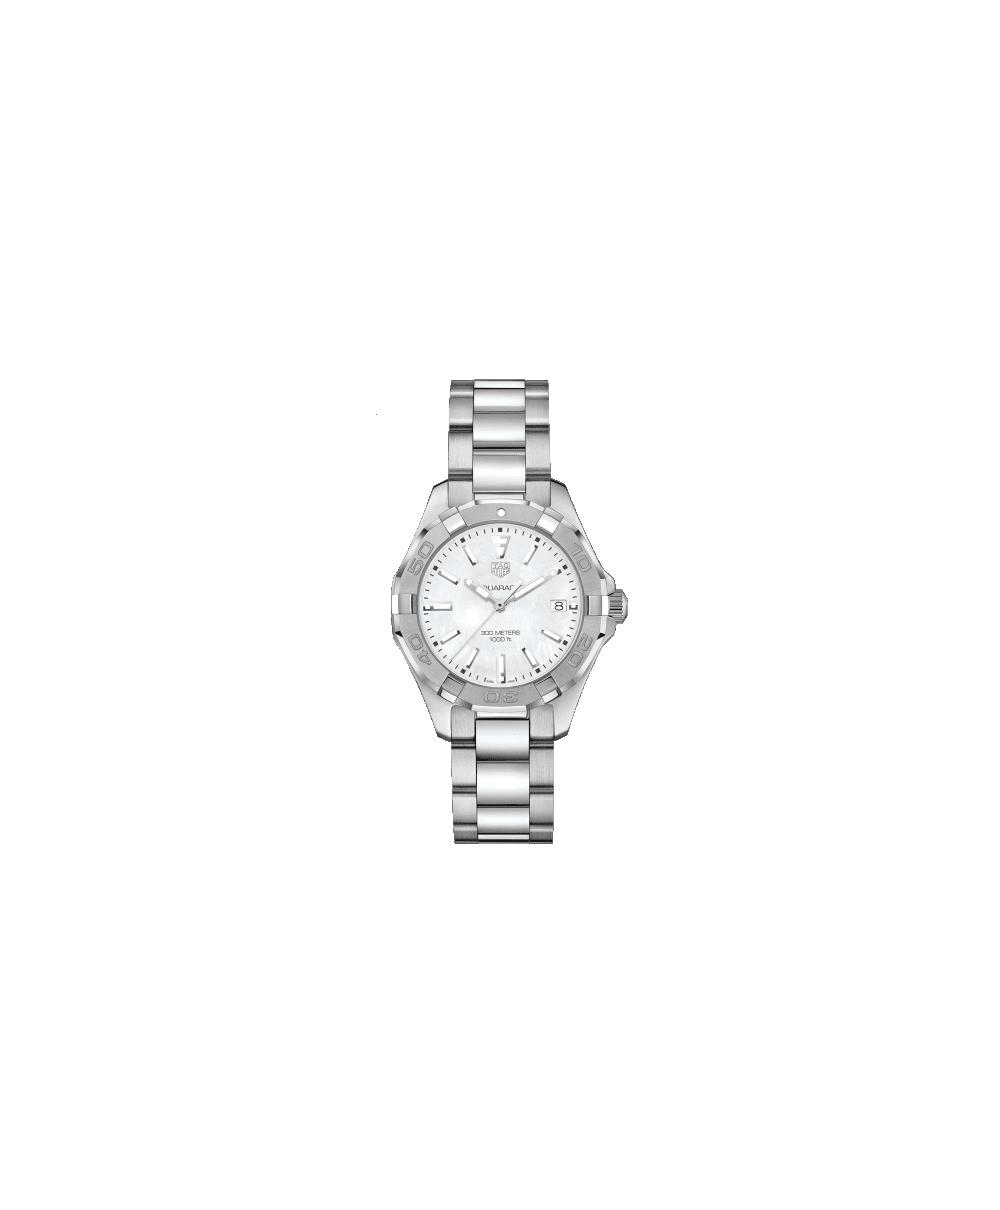 Reloj Tag Heuer Aquaracer 35mm